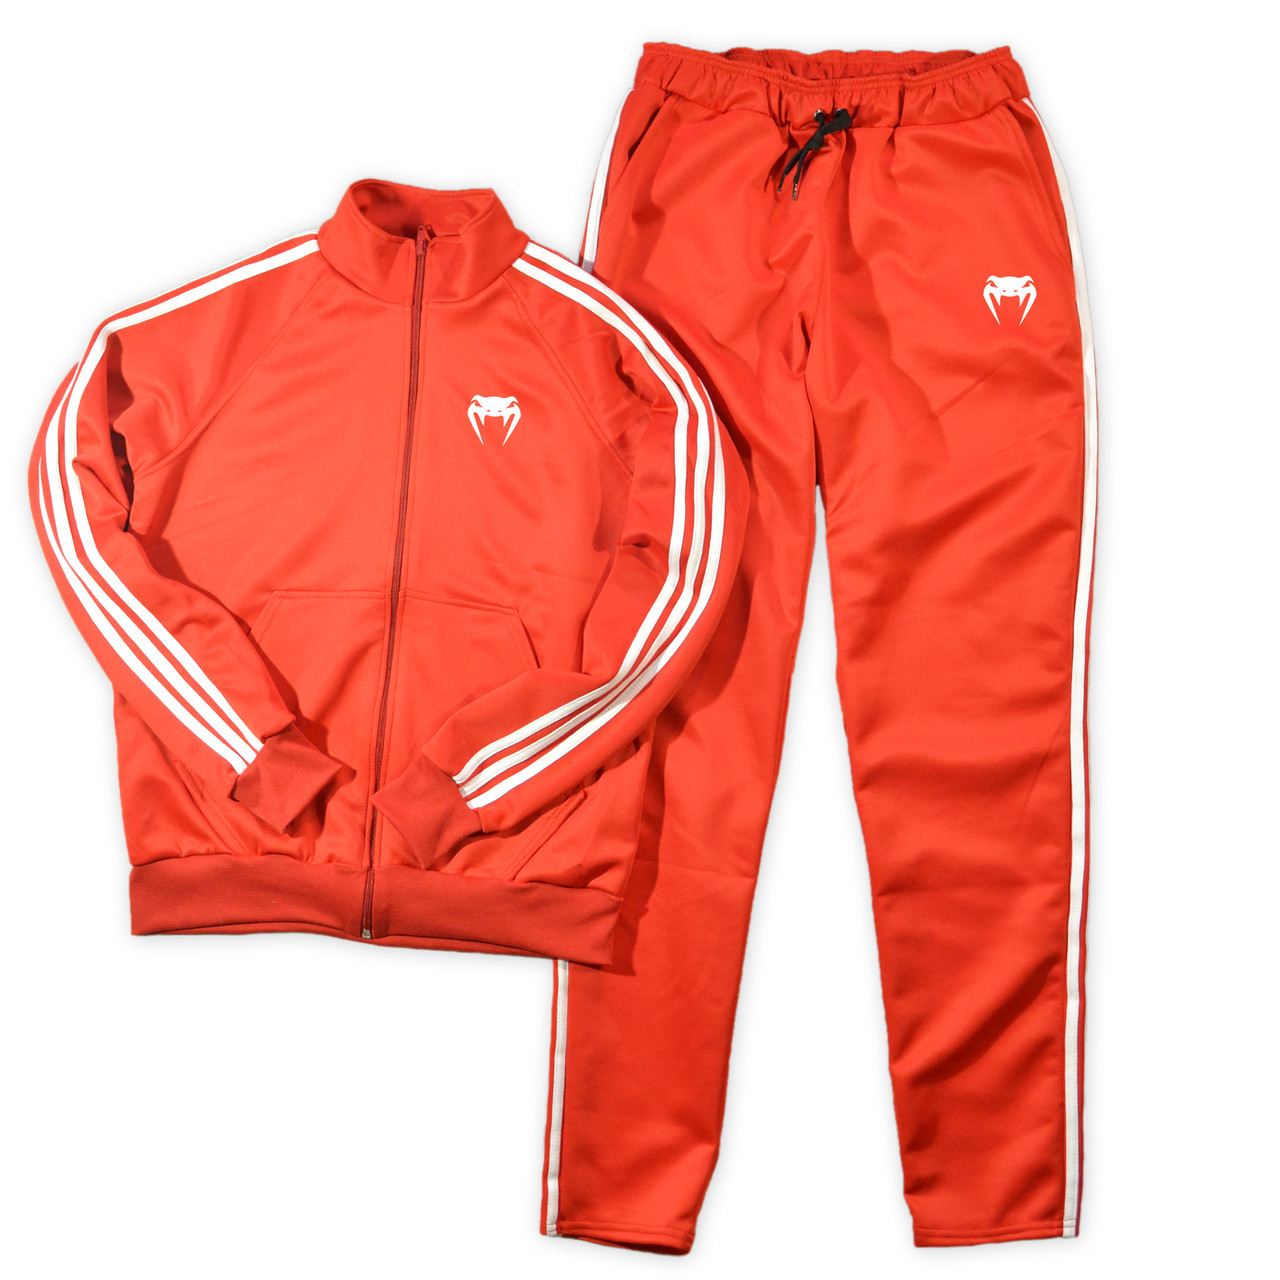 Тренировочный мужской спортивный костюм Venum красного цвета (Венум)